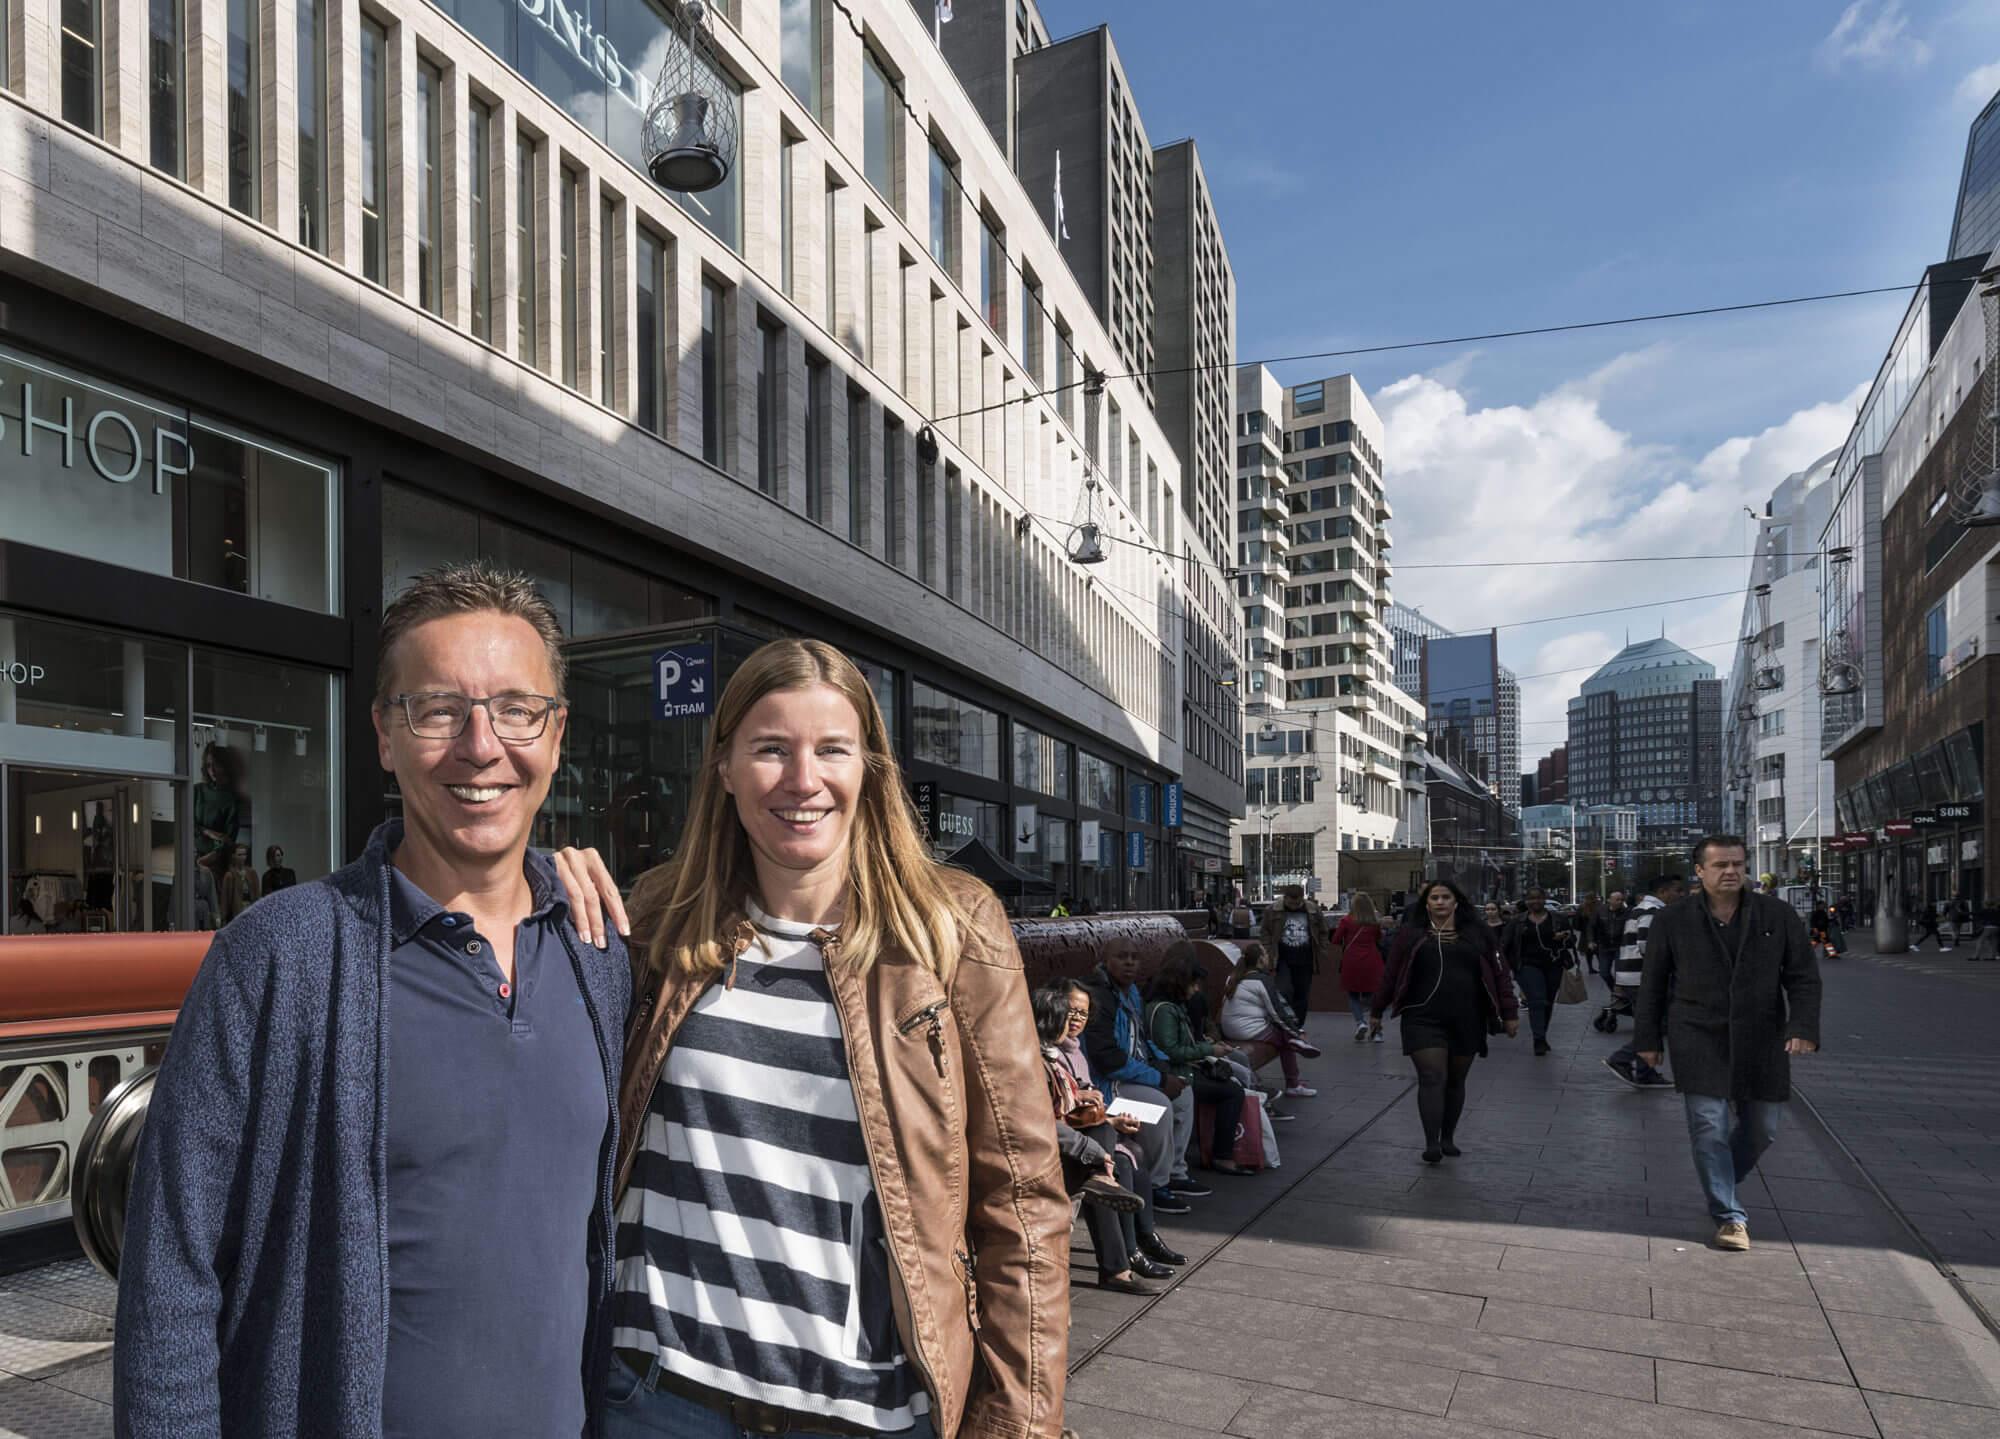 Winkelend publiek in de Grote Marktstraat